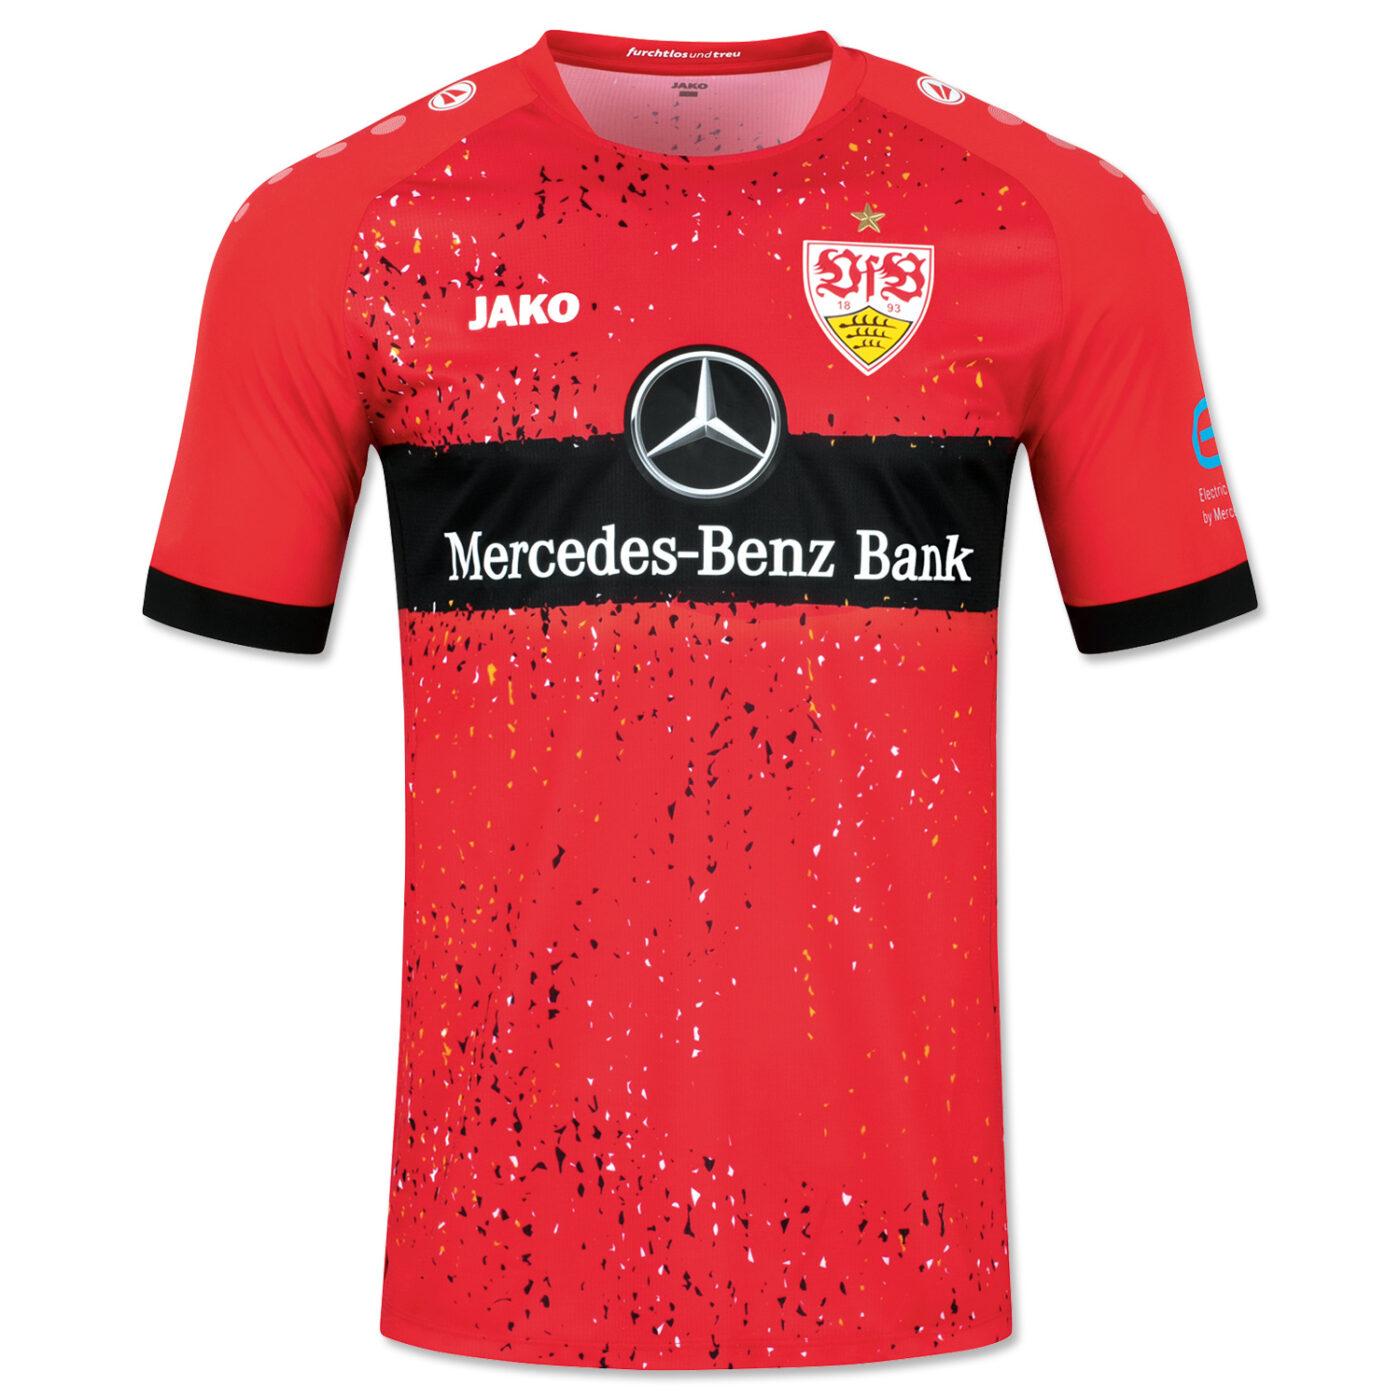 Maillot VfB Stuttgart 2021-2022 extérieur Jako